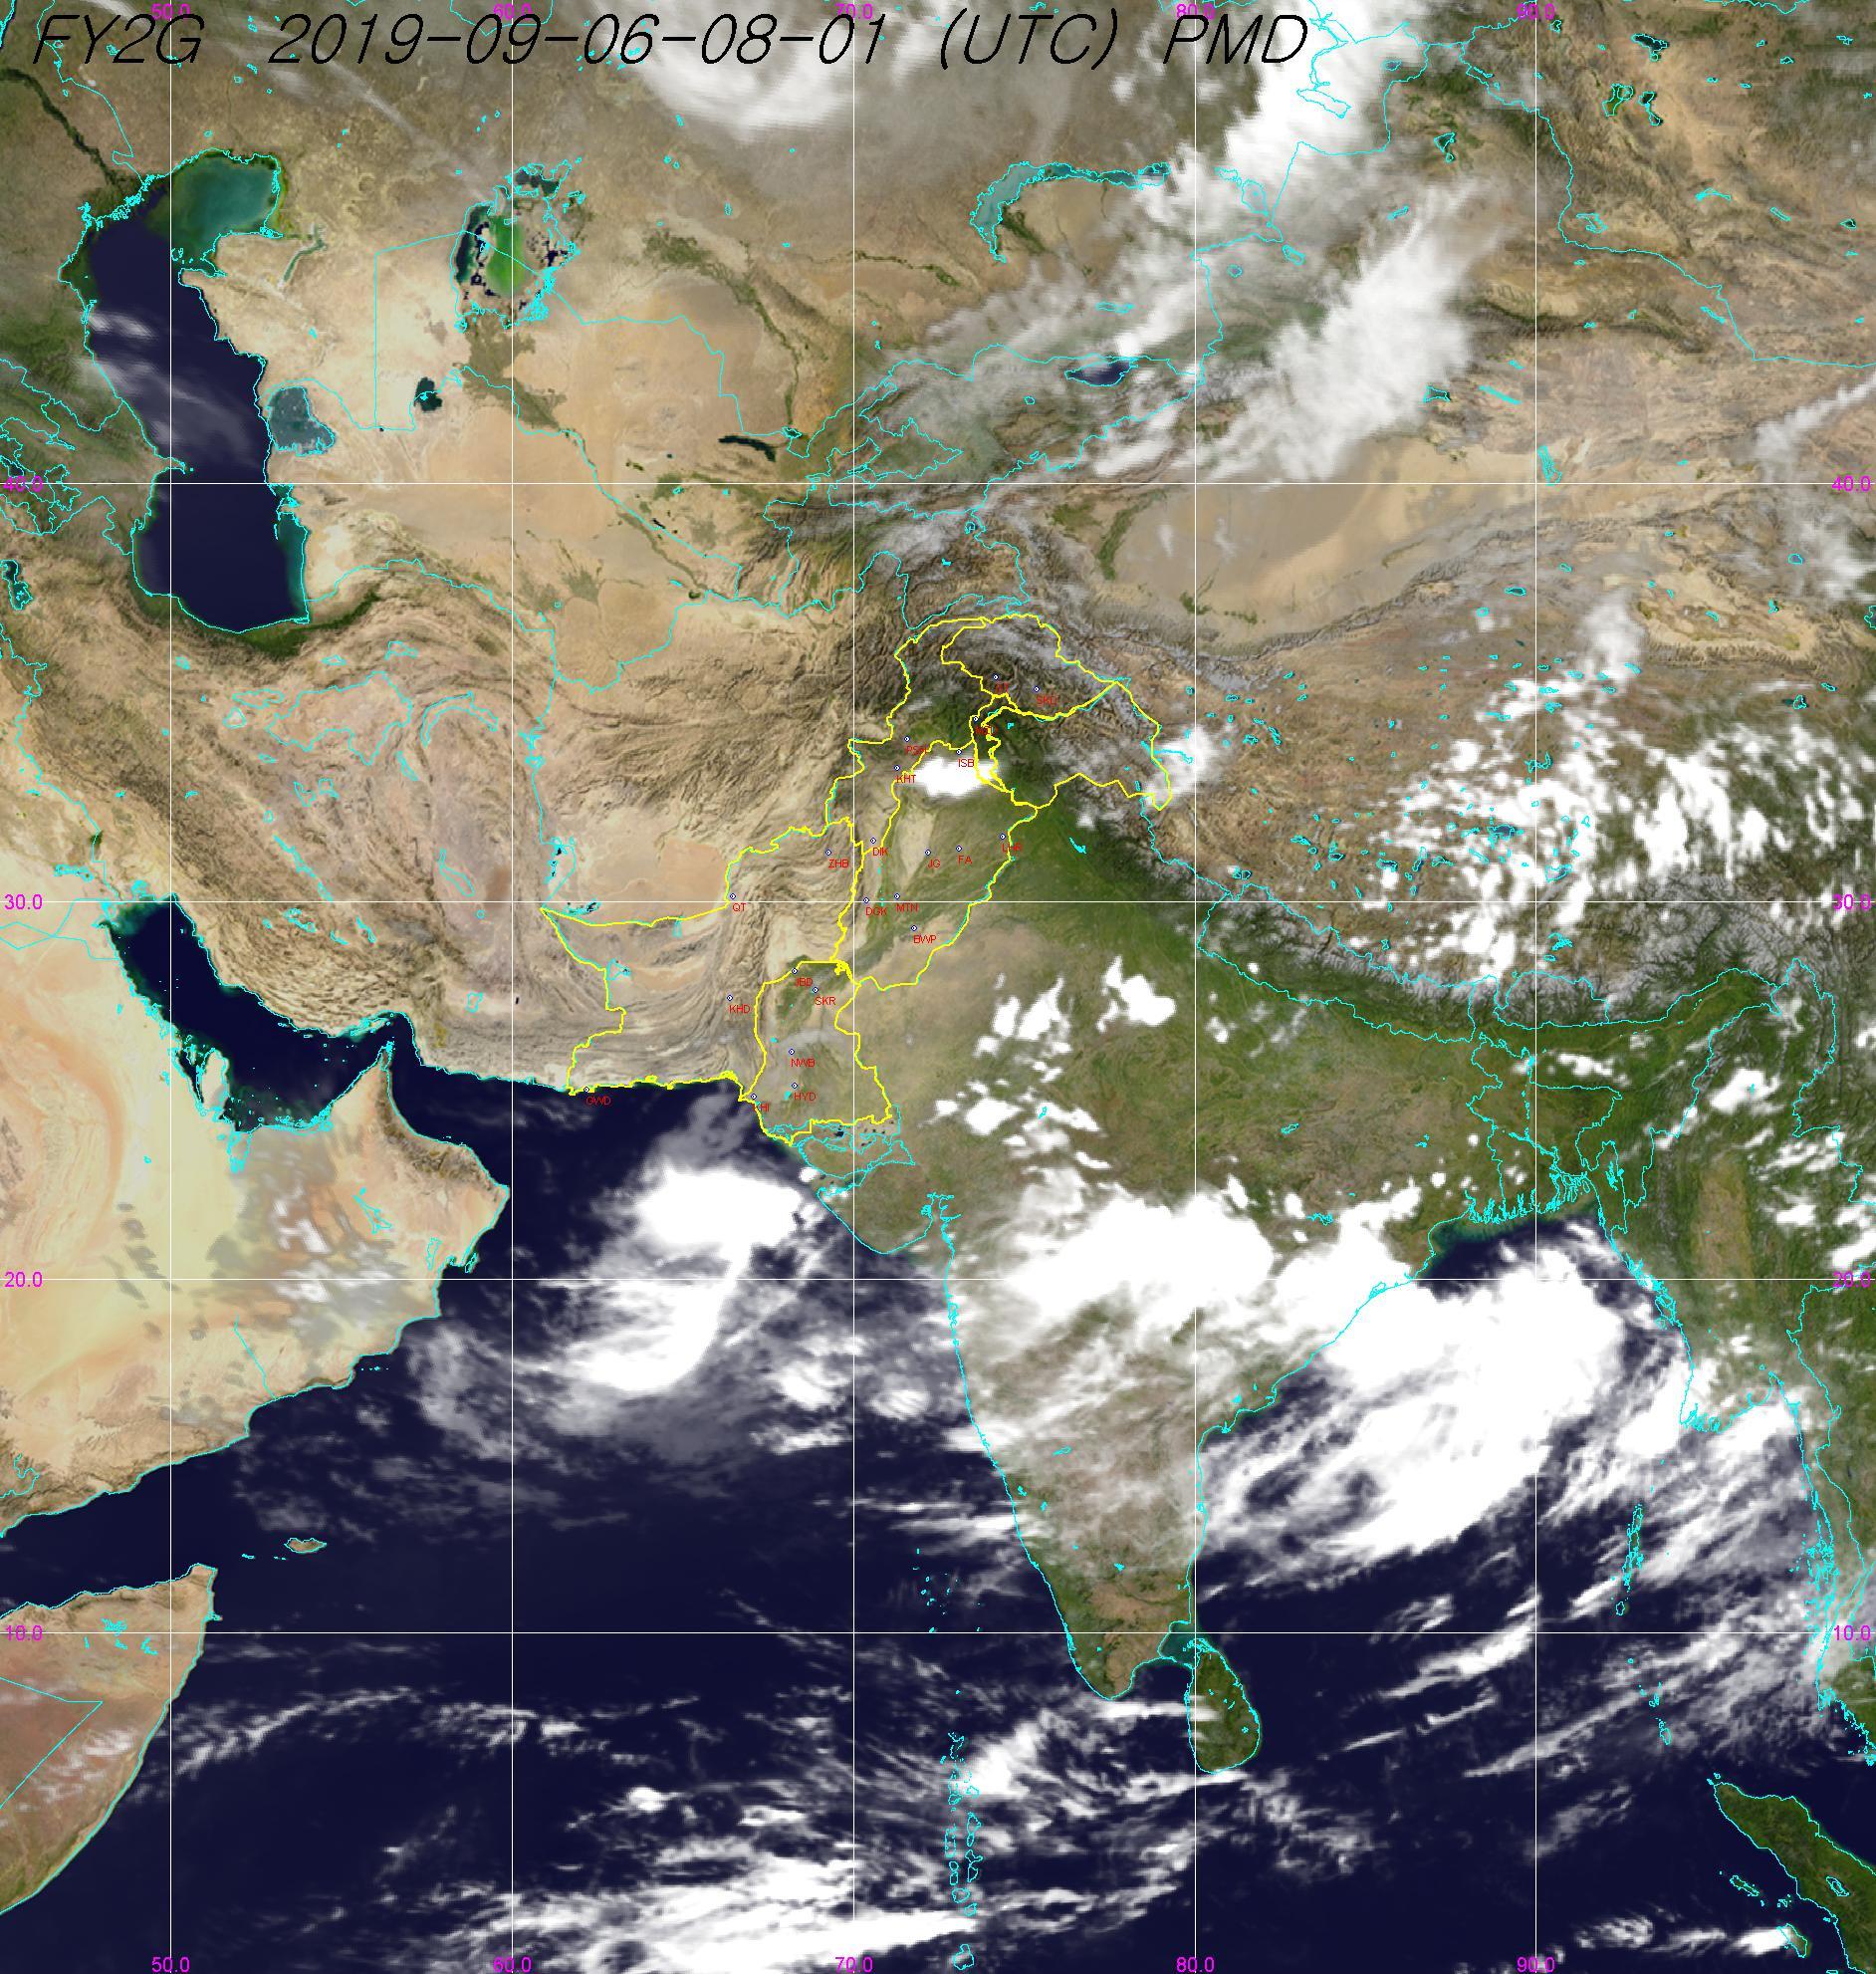 Satelite Images.